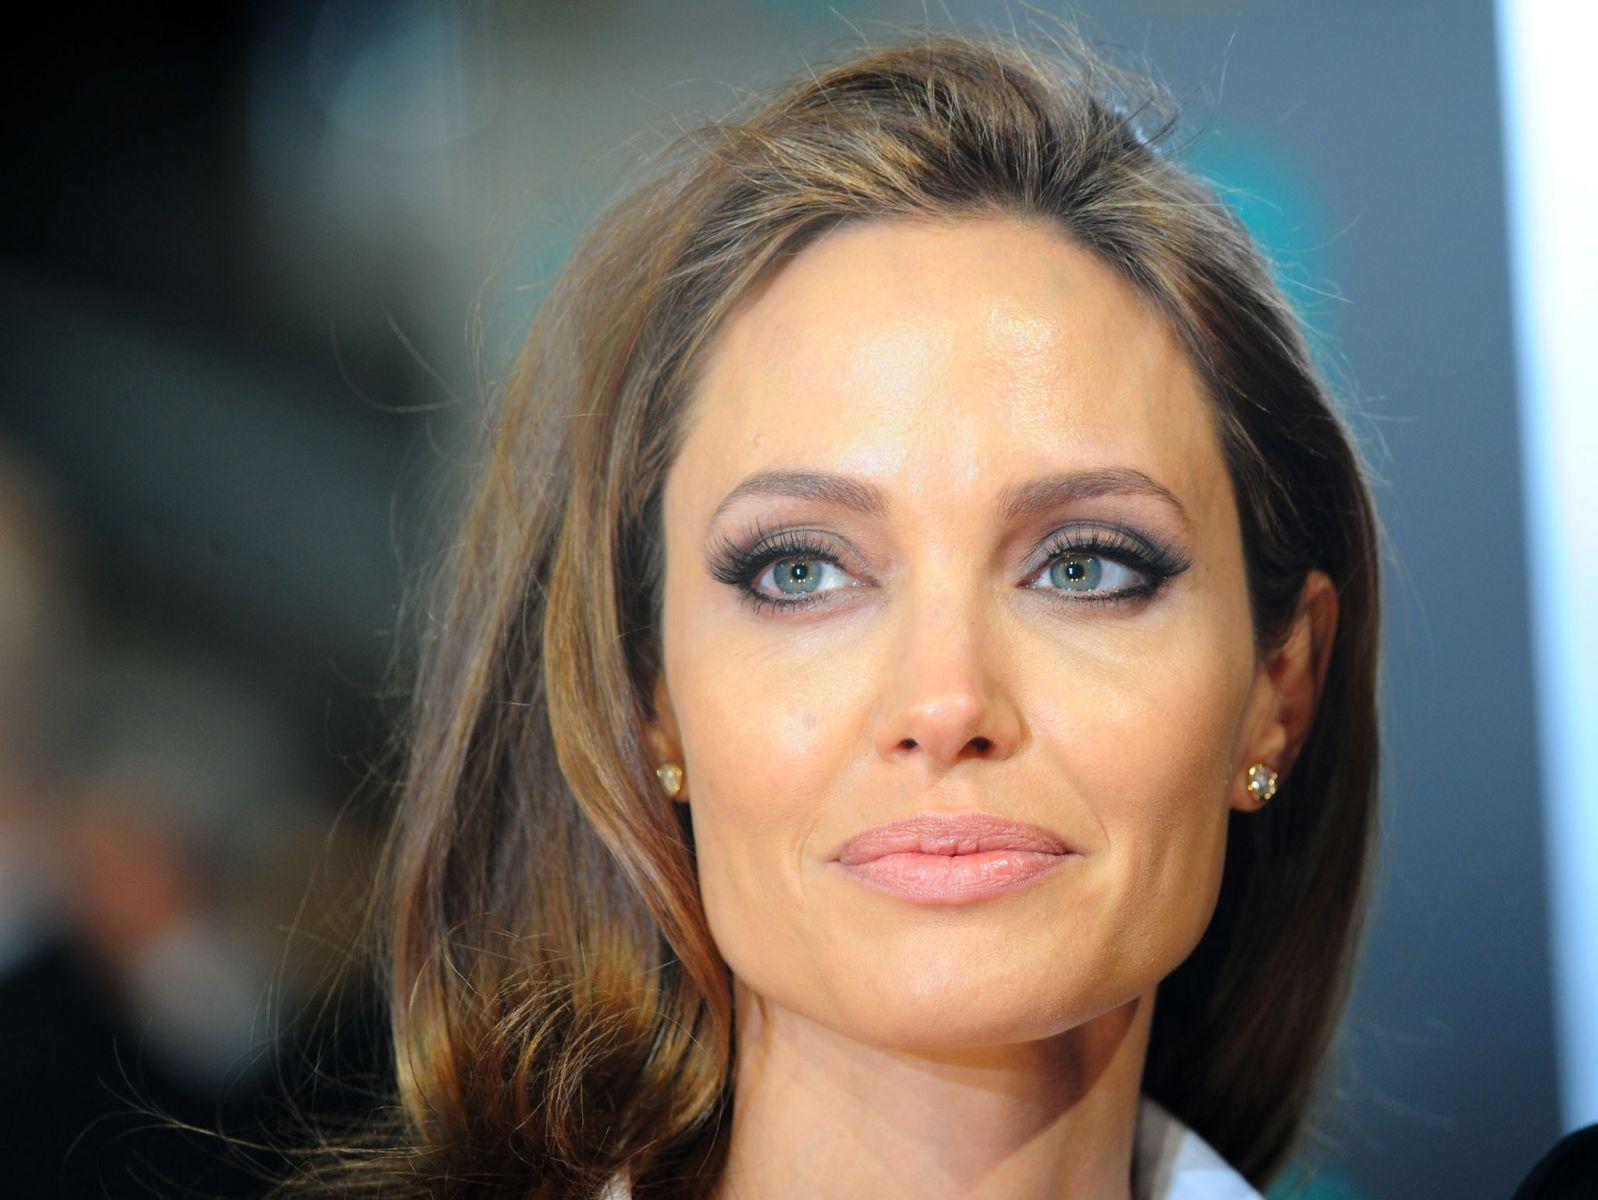 Естественная красота – главное оружие Анджелины Джоли